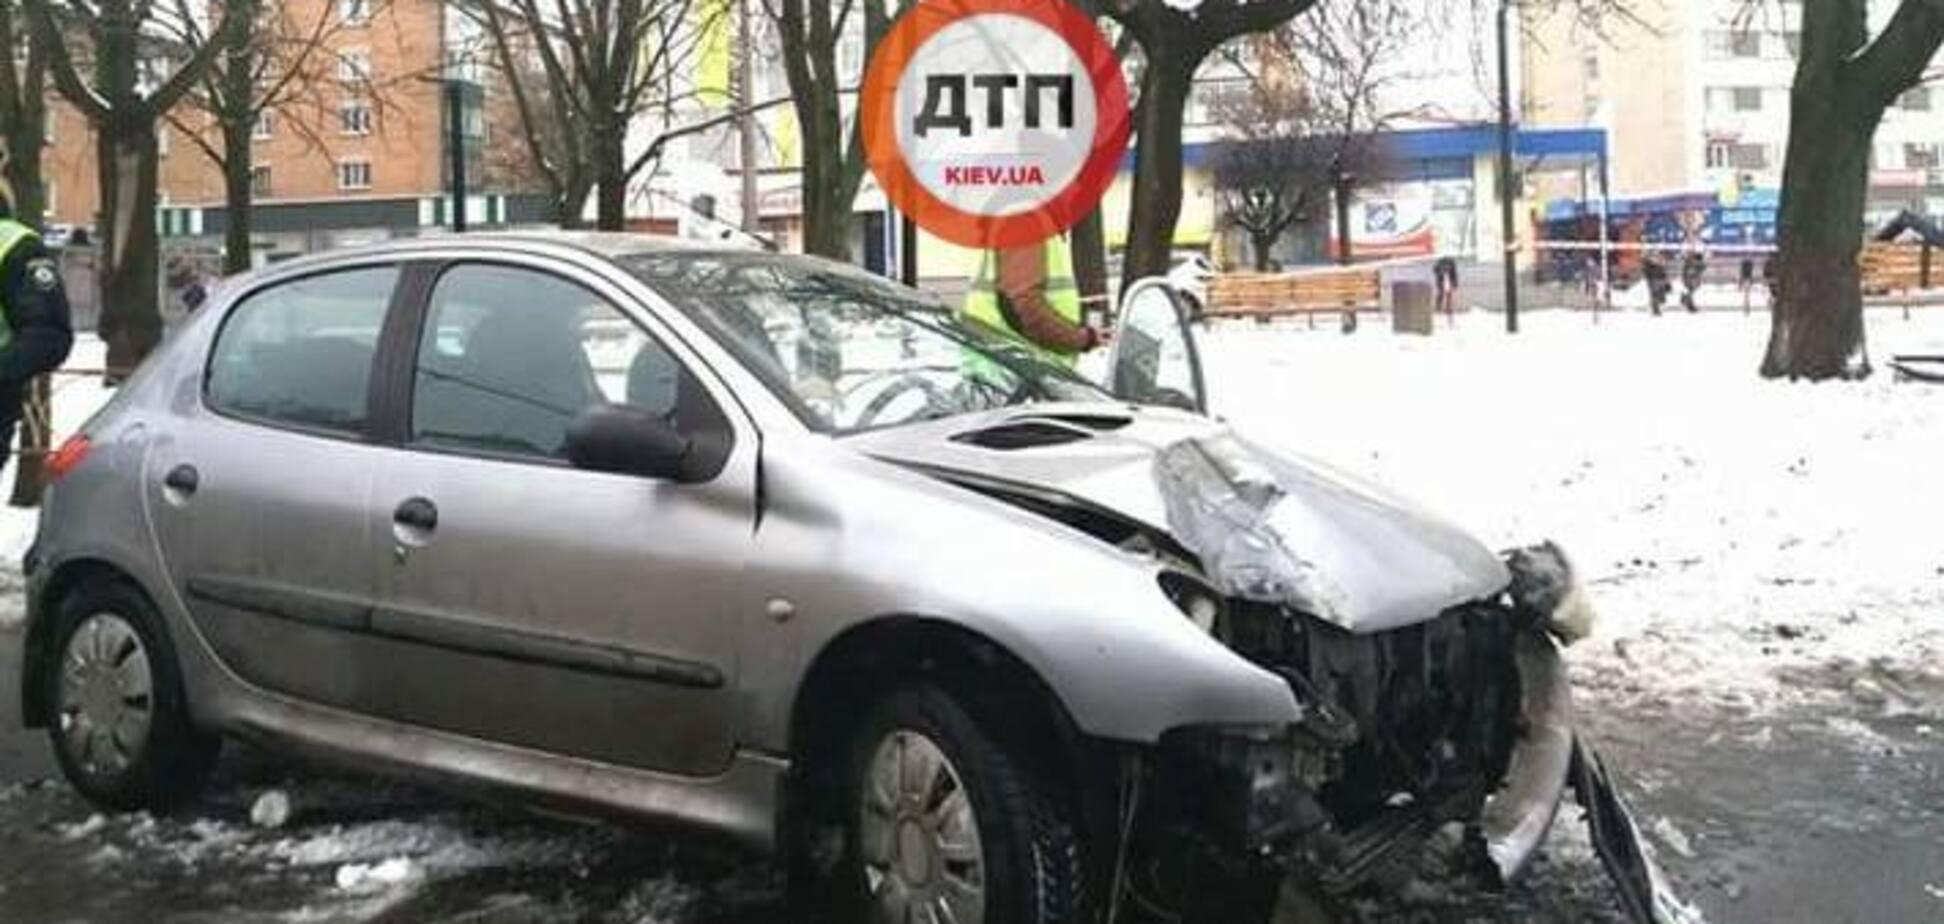 На Київщині п'яна дівчина влаштувала смертельну ДТП на переході